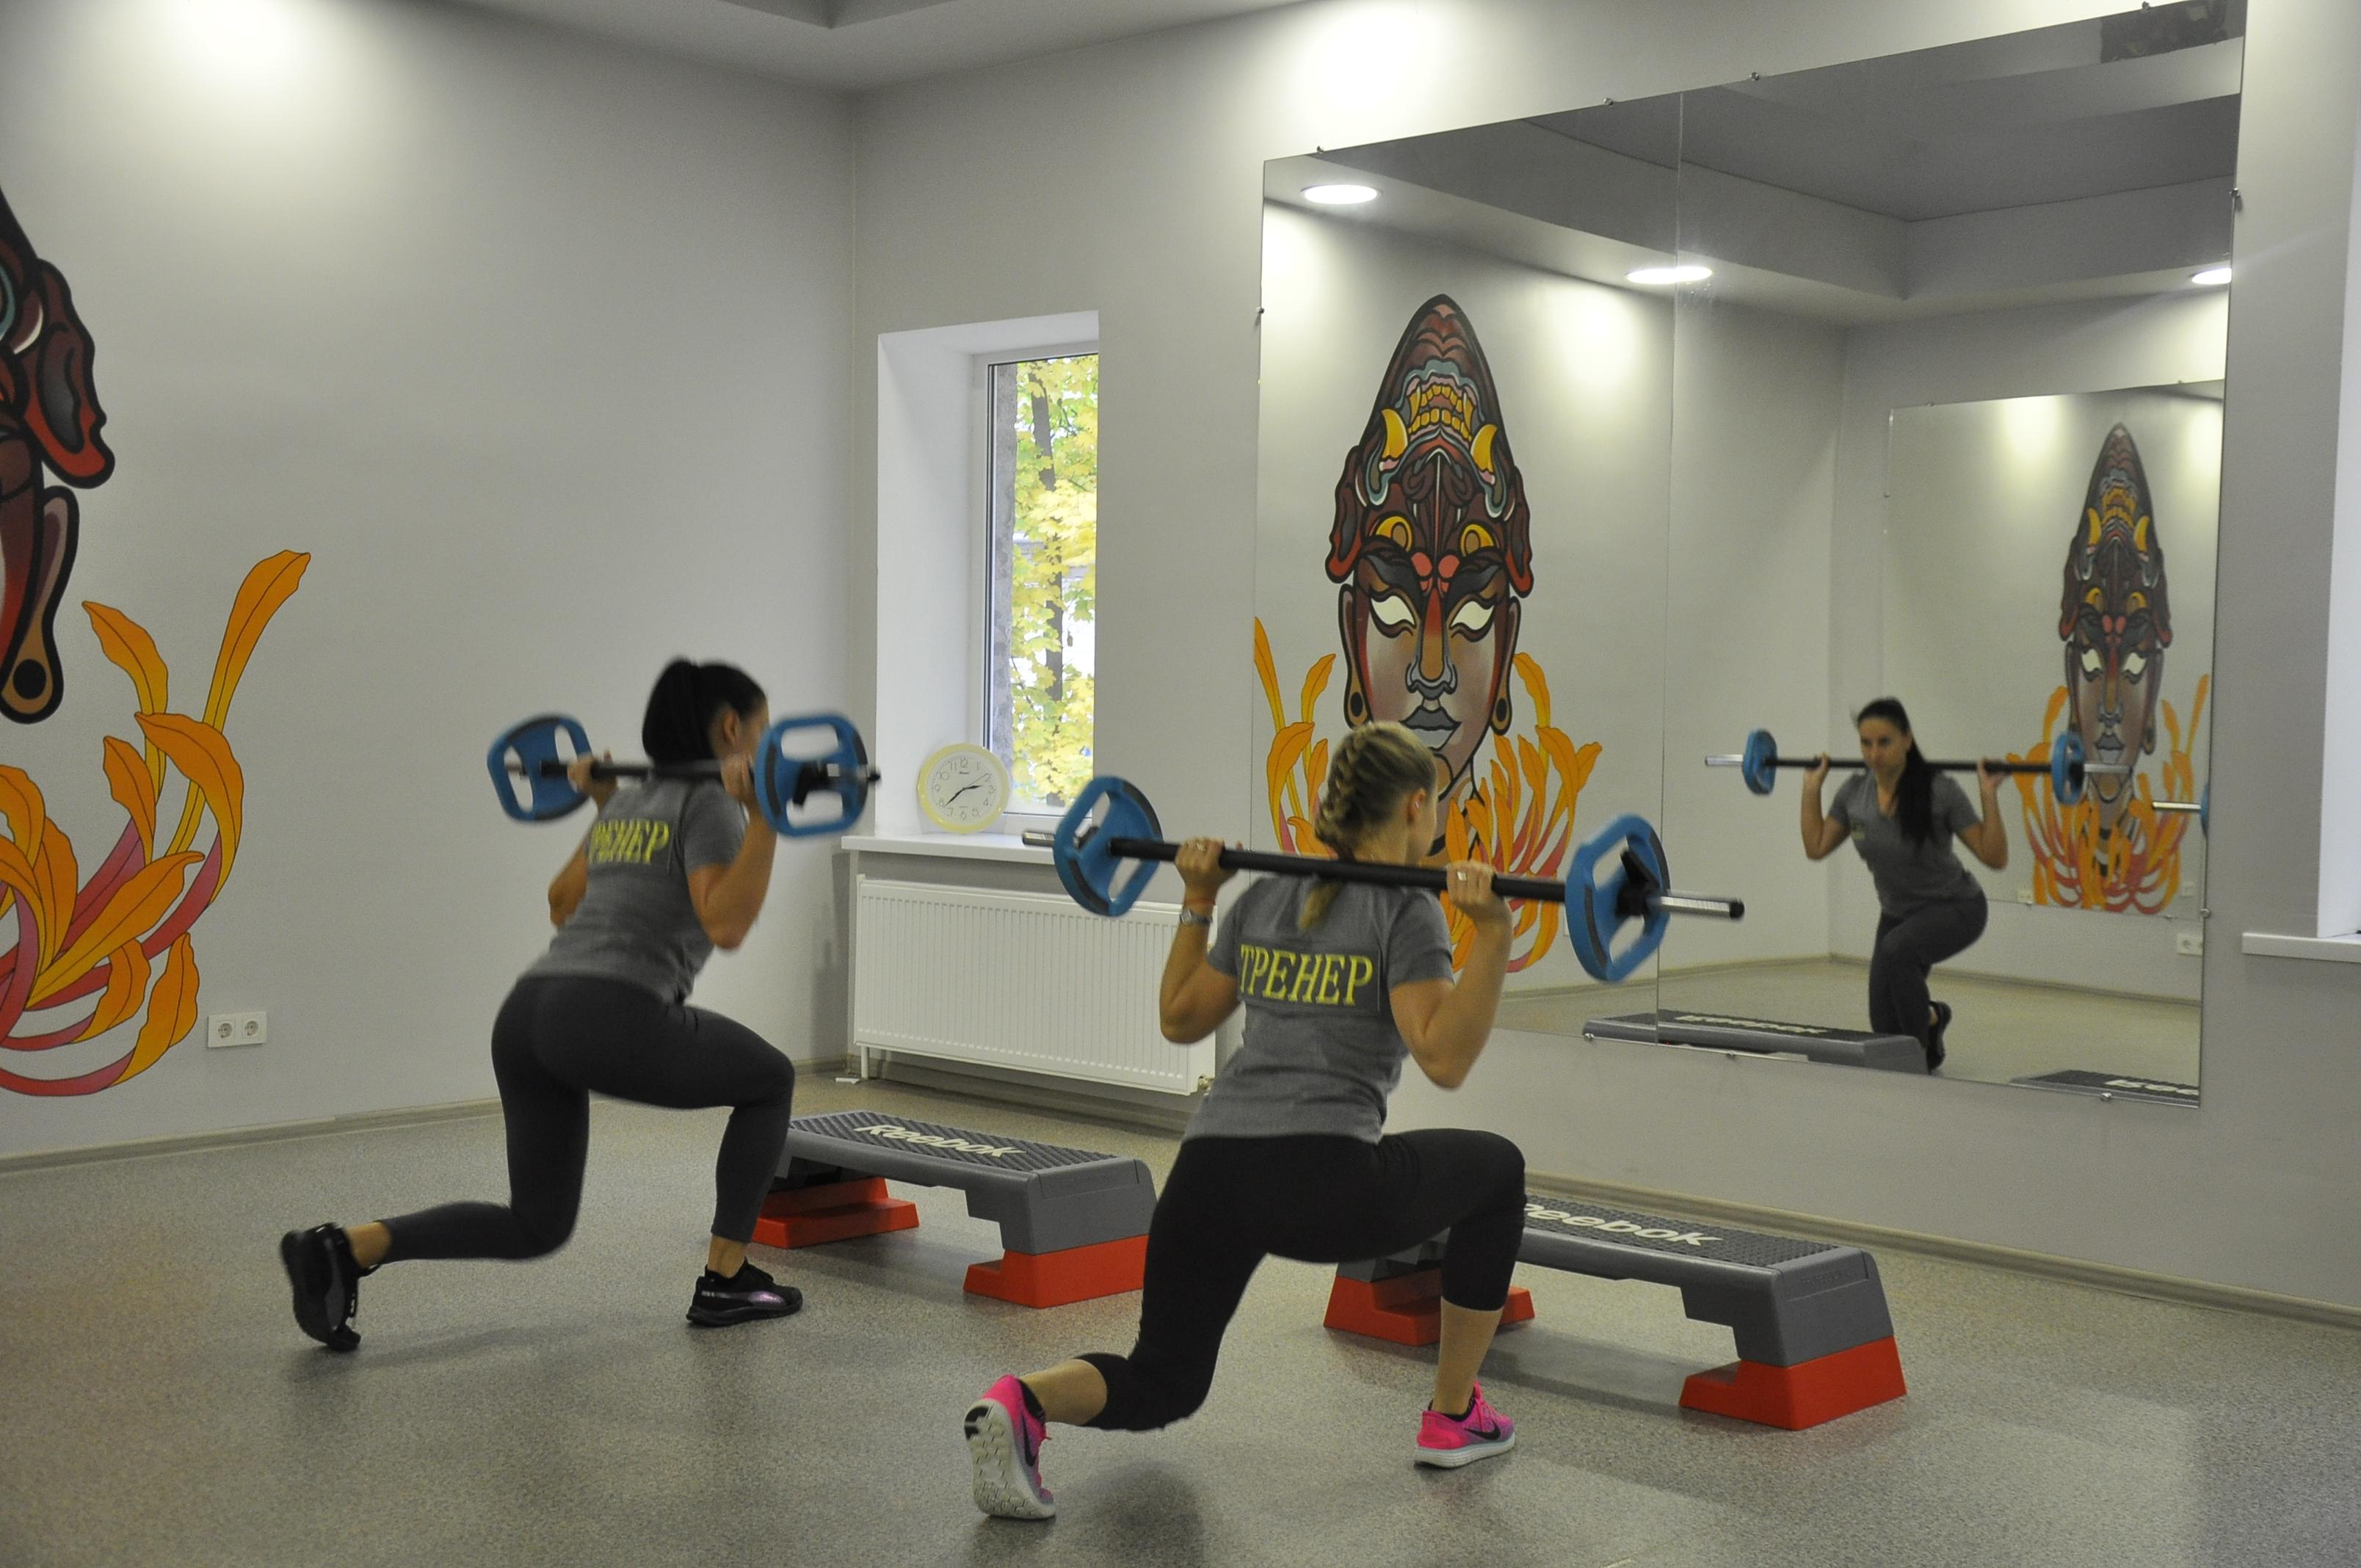 Дорогие друзья! Мы приглашаем всех желающих посетить бесплатные, открытые тренировки по фитнесу и йоге которые состоятся 04.11.2017